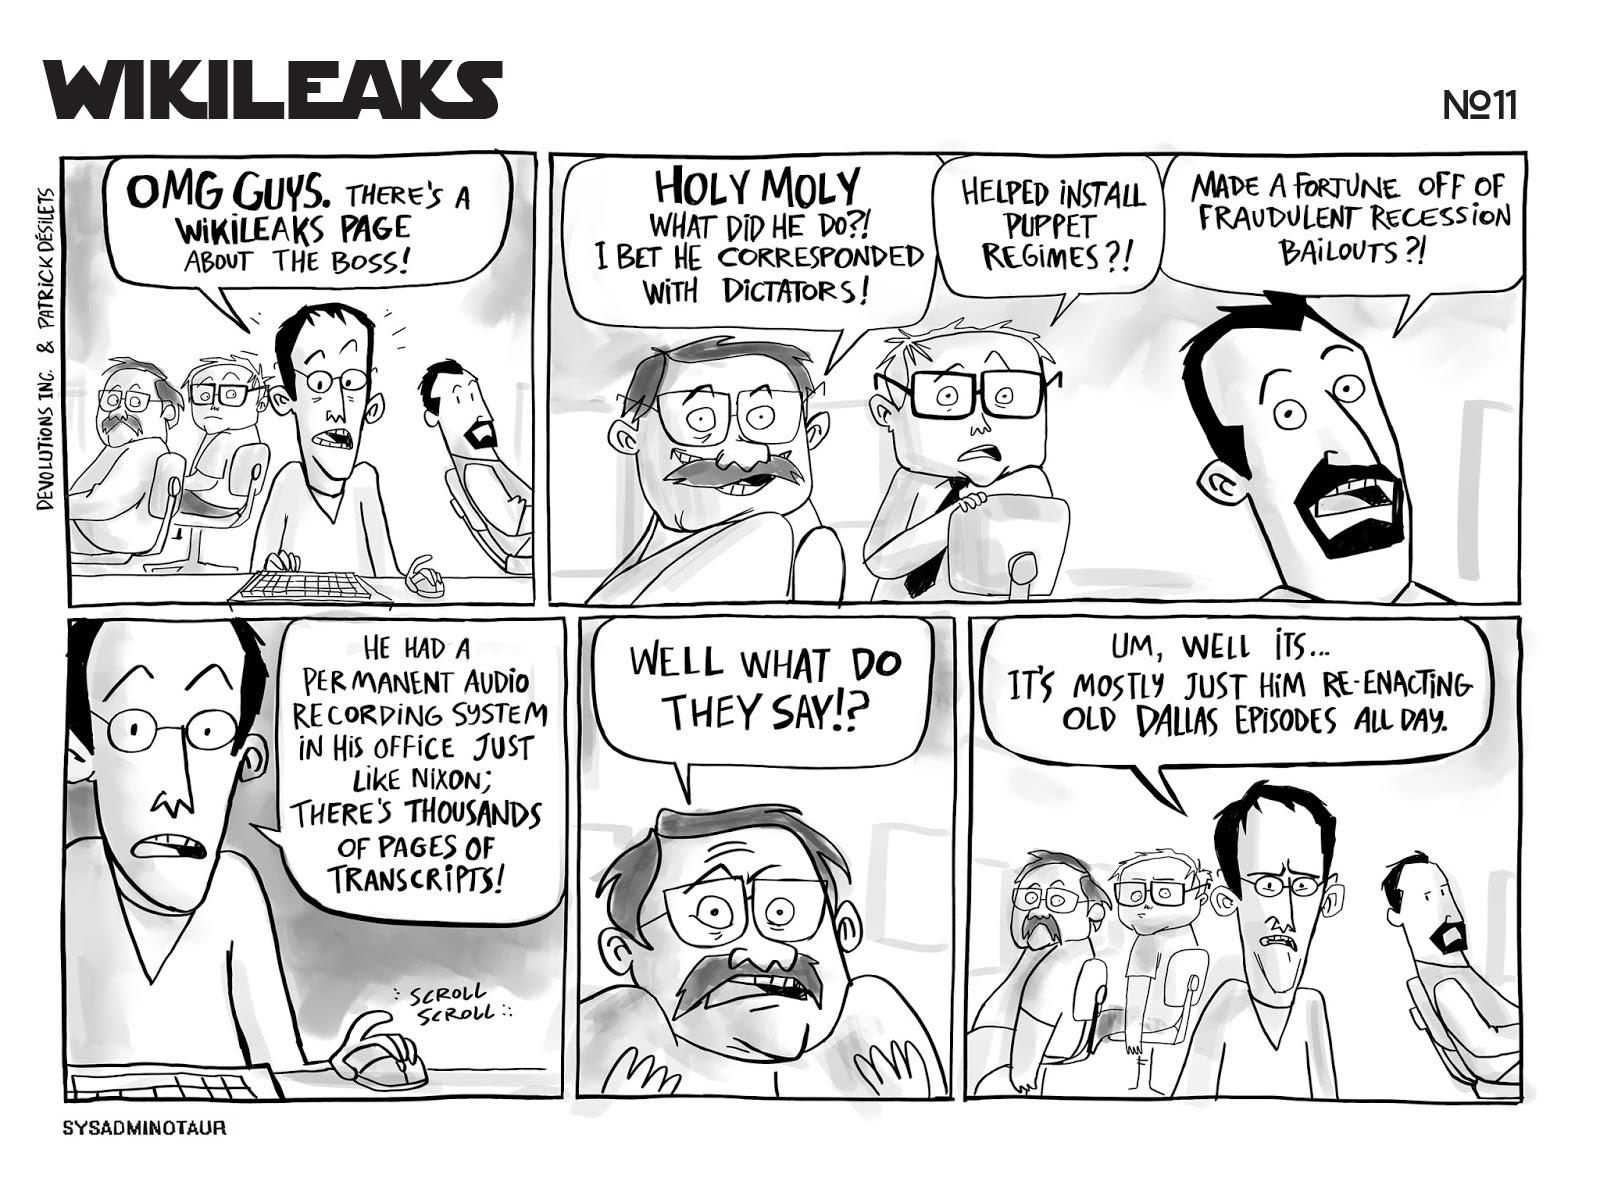 sysadminotaur-011-wikileaks